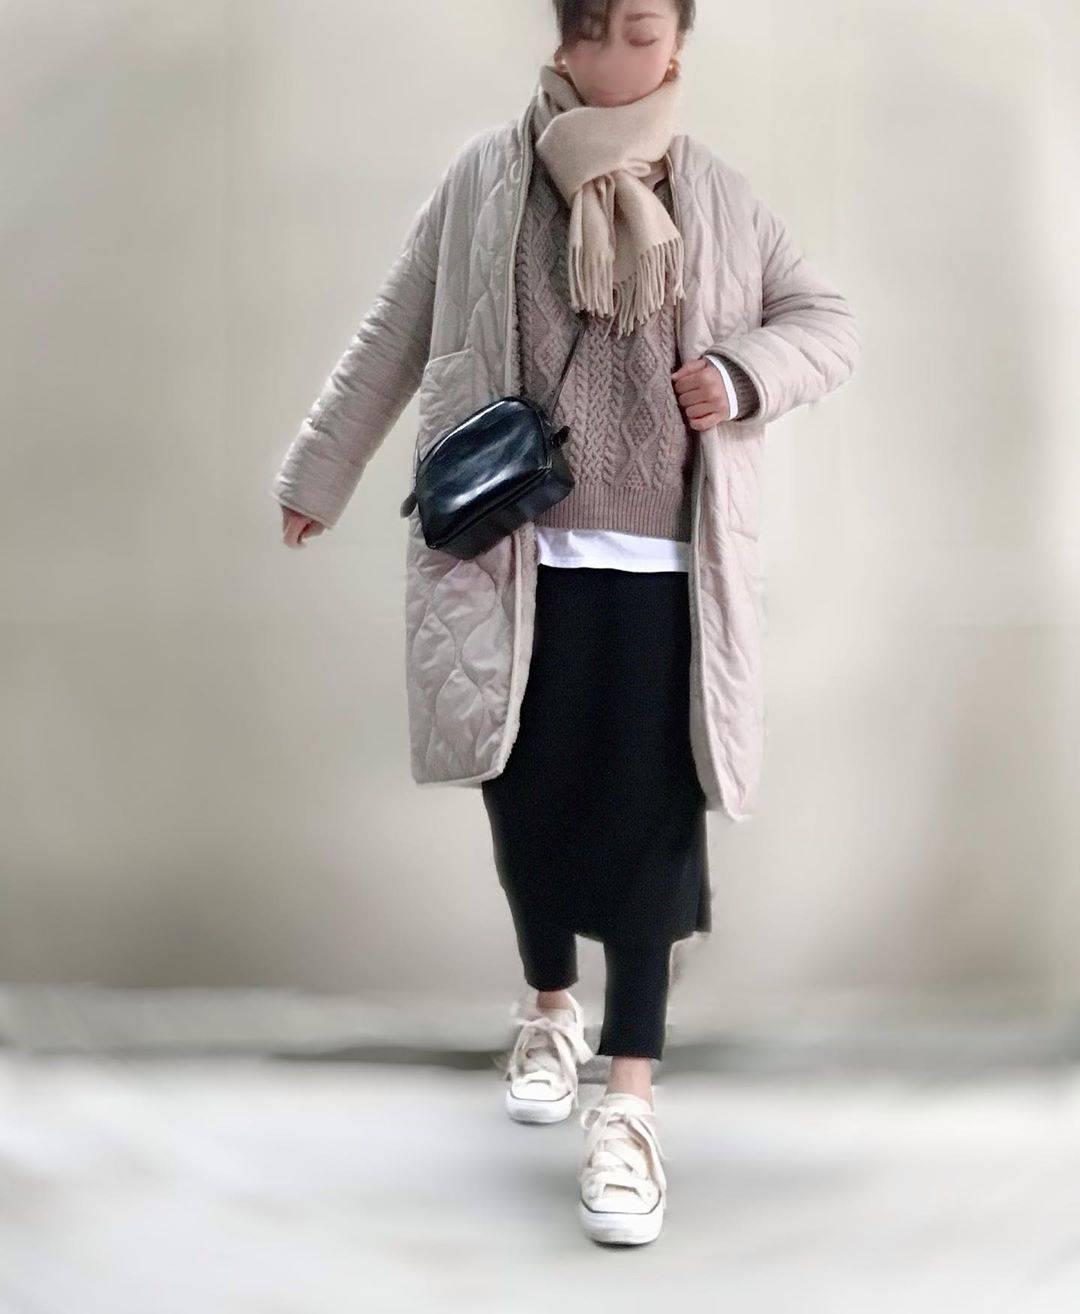 最高気温11度・最低気温8度 unange103の服装